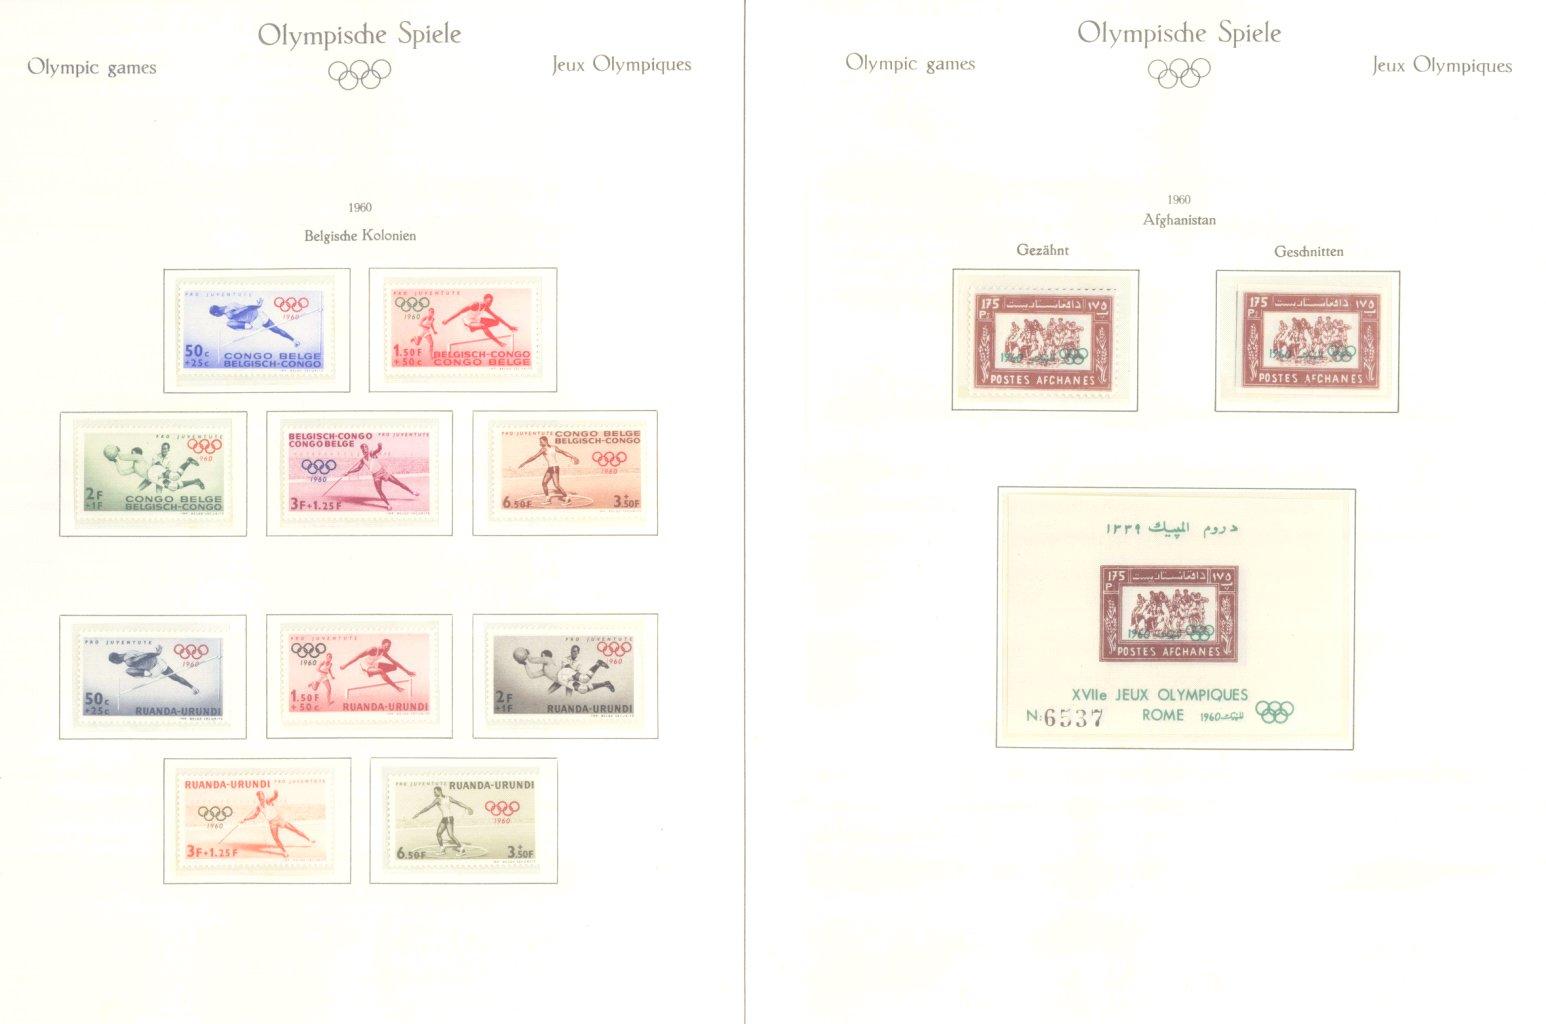 OLYMPISCHE SPIELE 1960 Rom, postfrische Sammlung